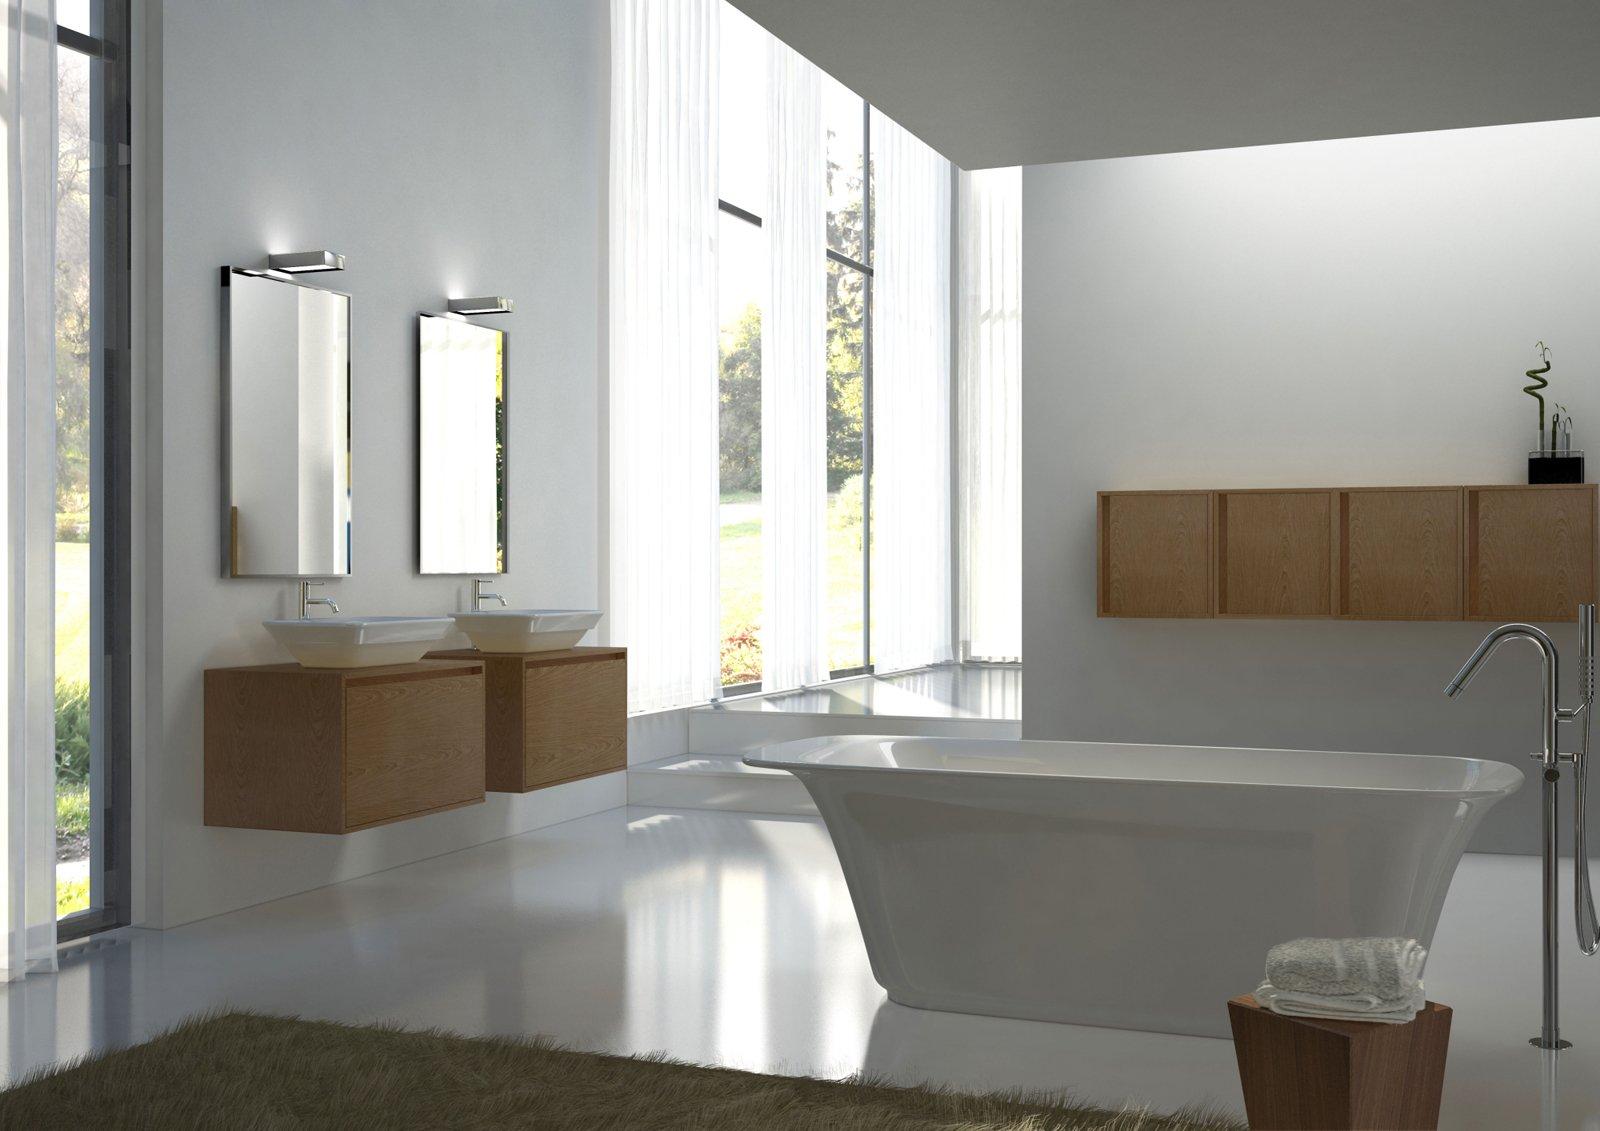 Bagno piccolo arredo componibile e salvaspazio cose di casa for Piccoli piani di casa in florida